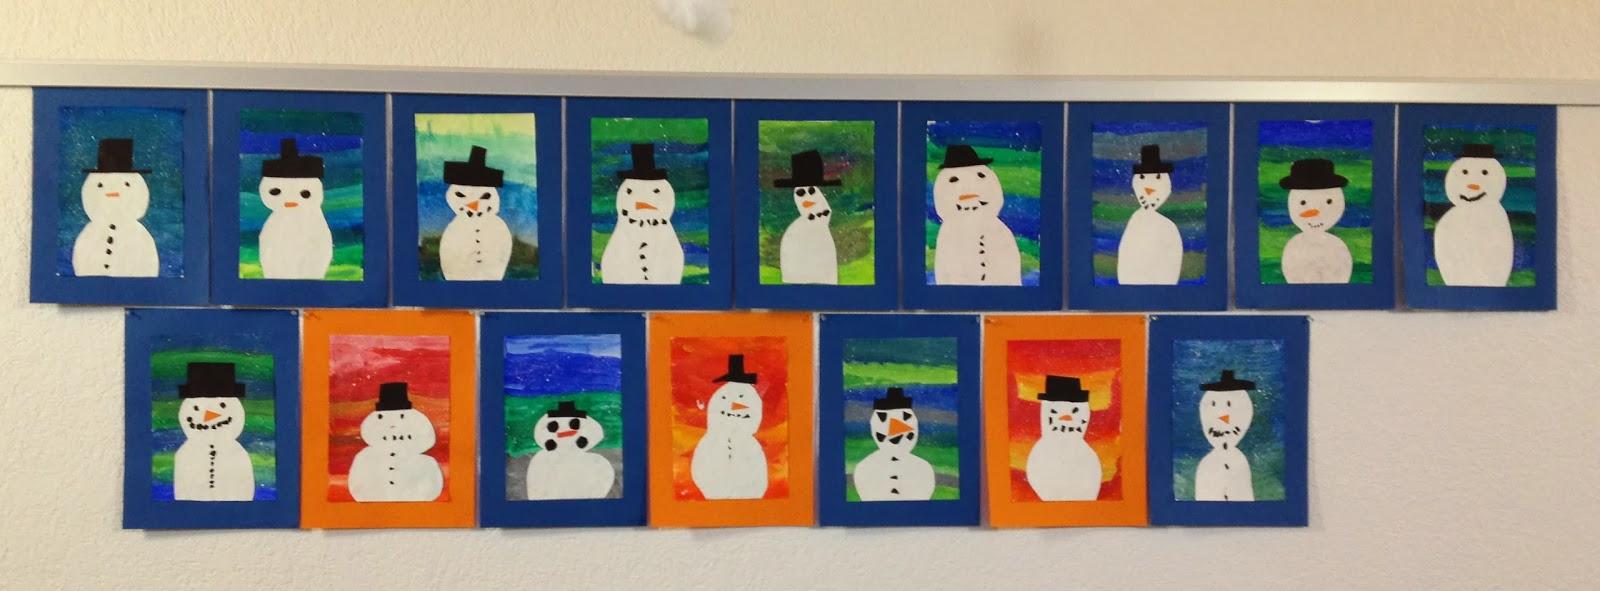 KLASSENKUNST Schneemannbild mit warmen & kalten Farben